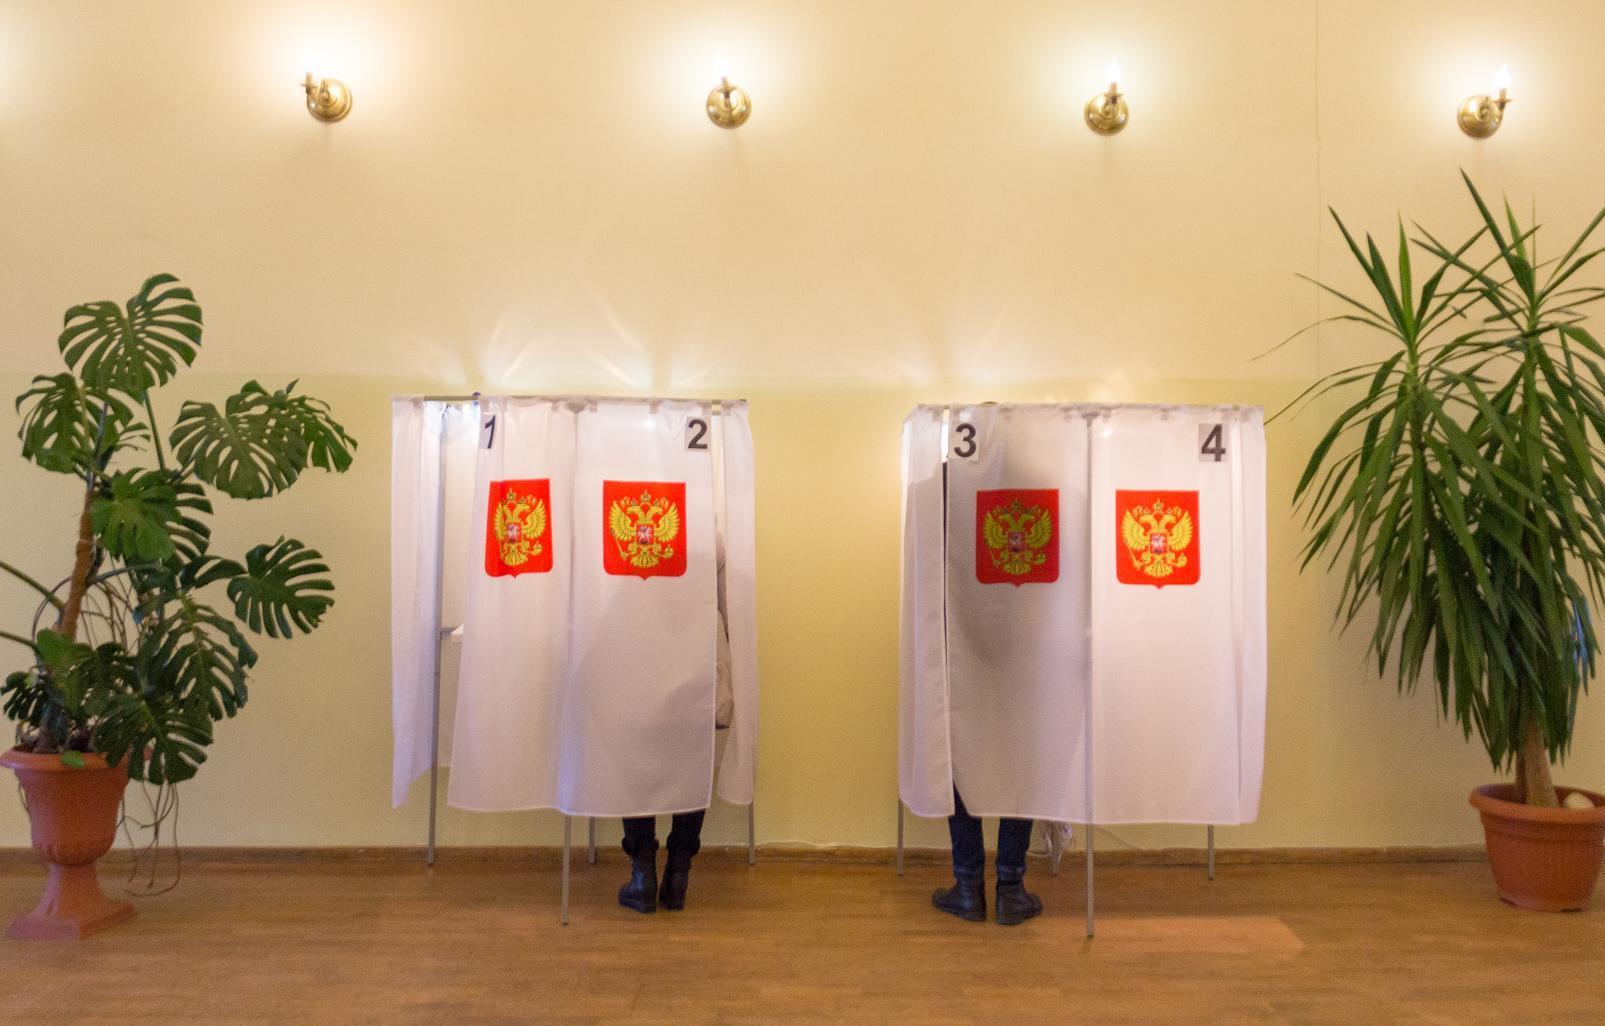 Общественная палата заявила об отсутствии нарушений на выборах в Тверской области - новости Афанасий